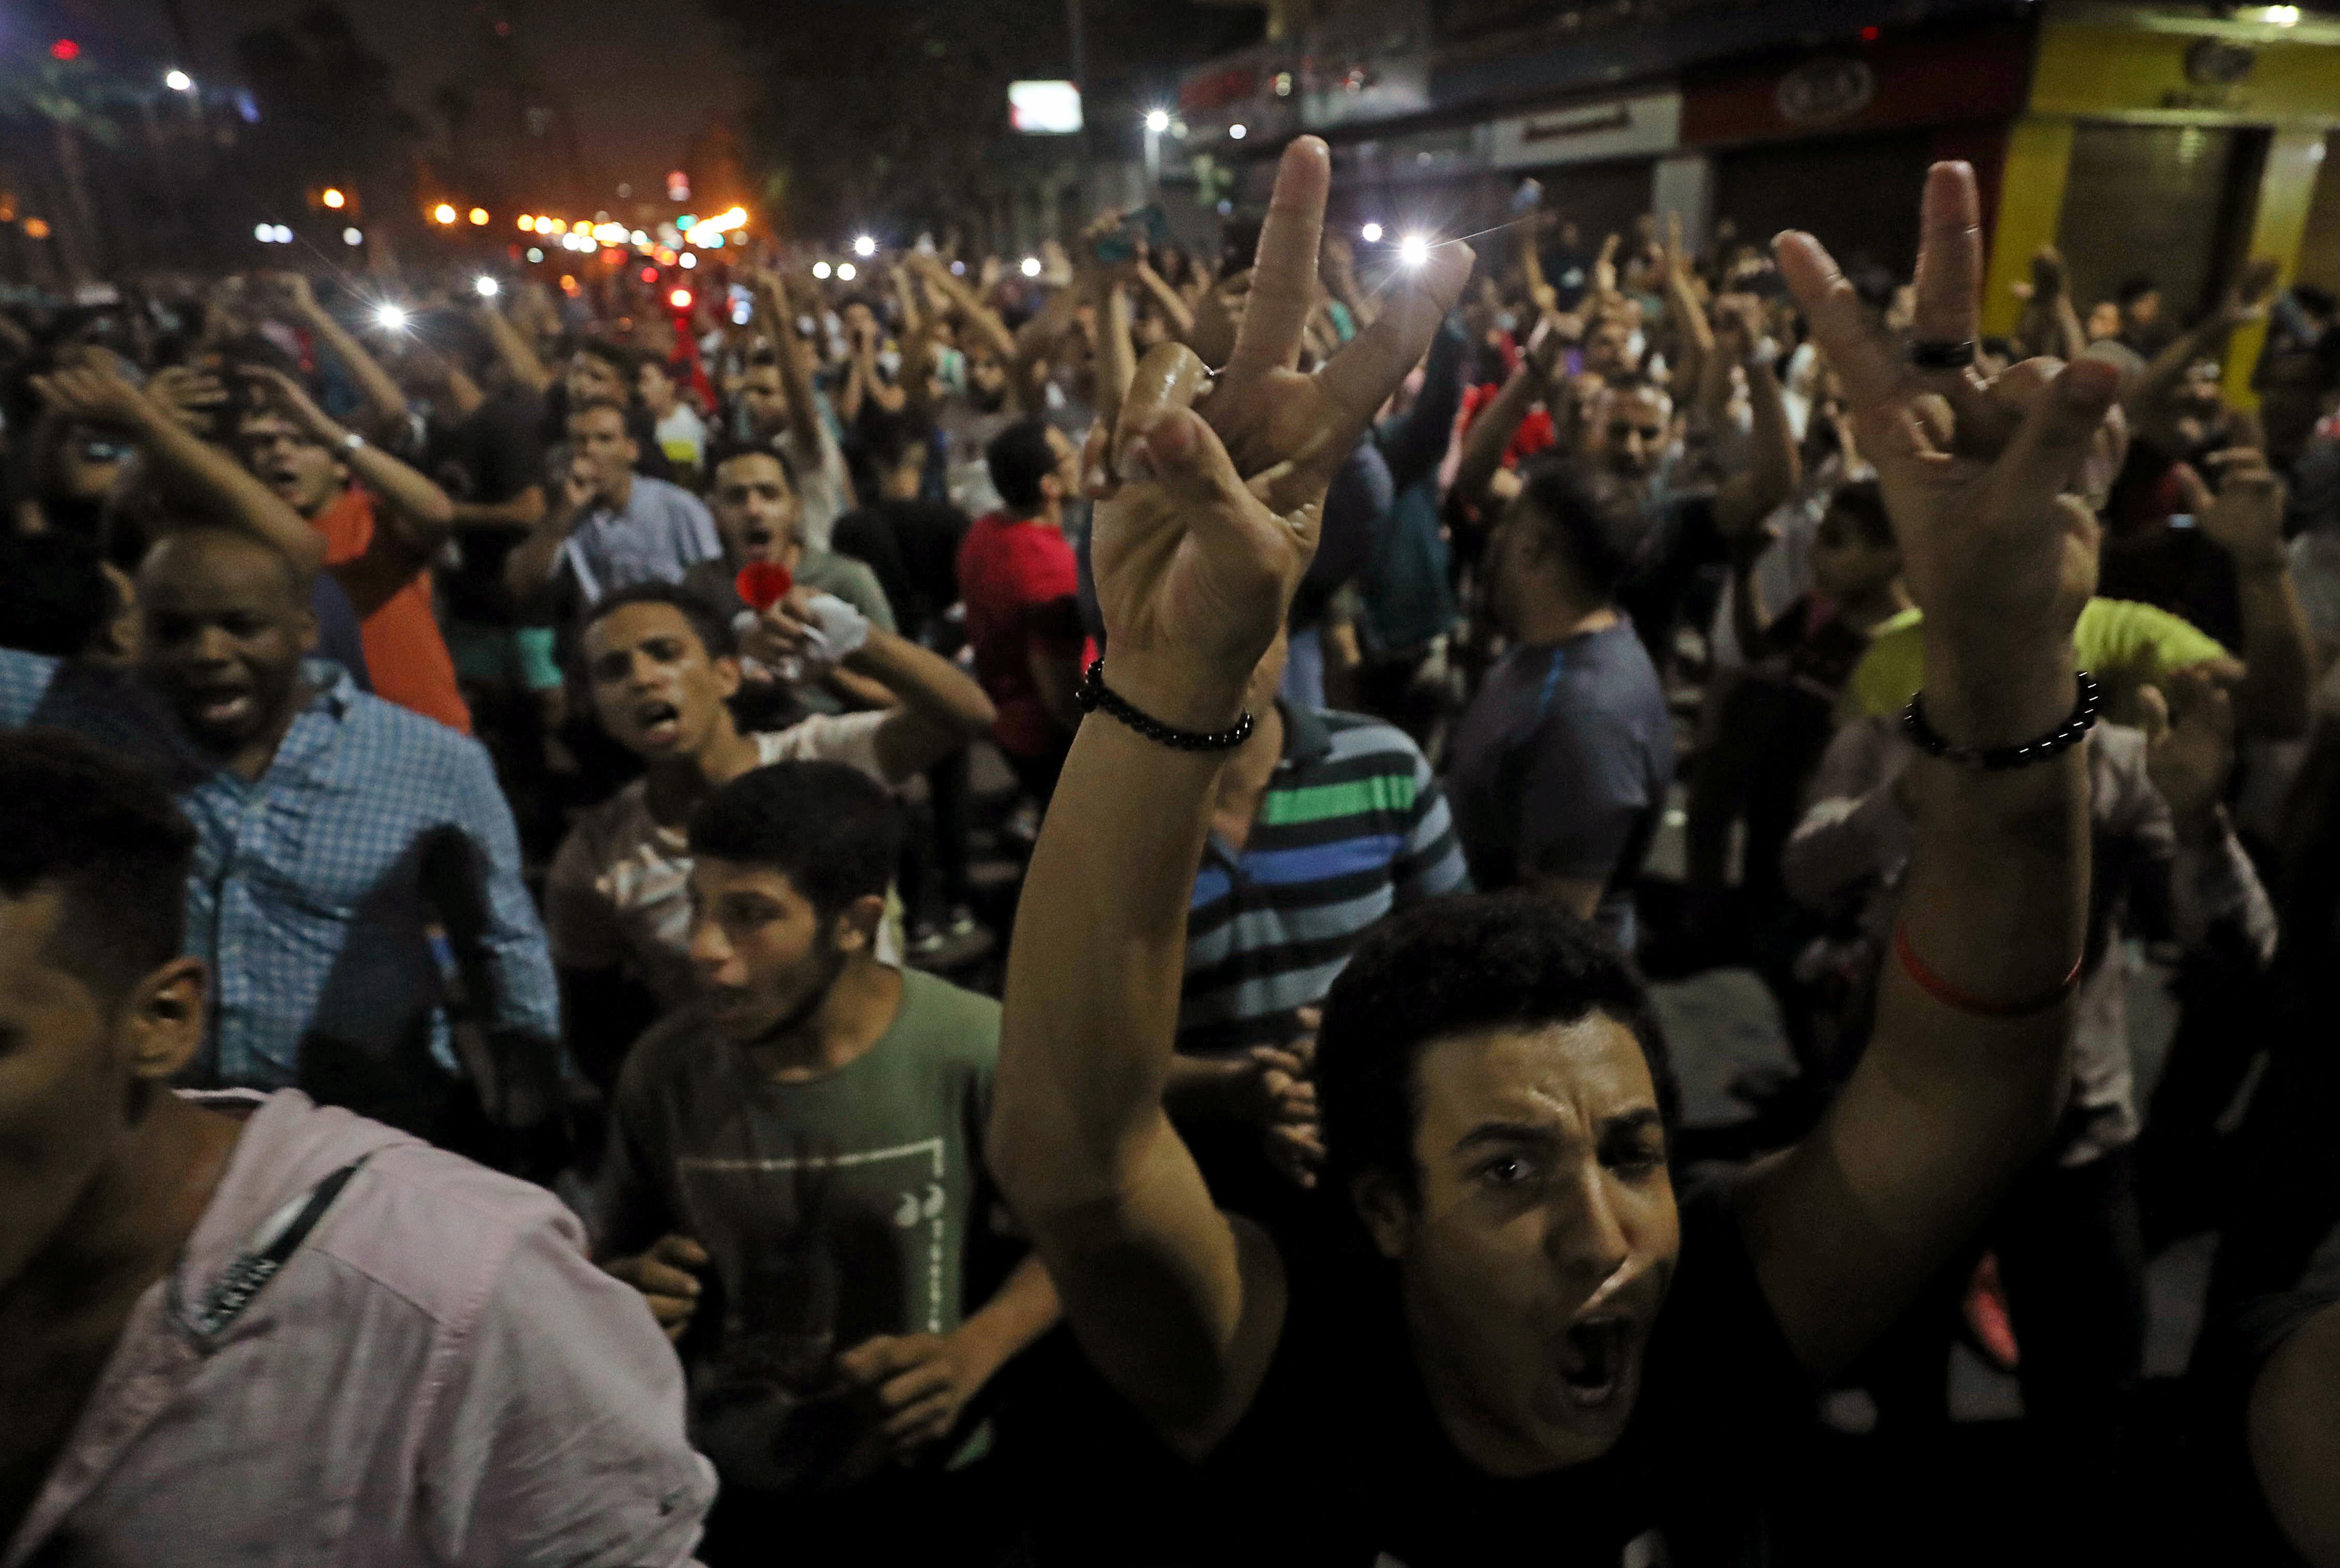 تظاهرات محدودة في القاهرة ضد الرئيس عبد الفتاح السيسي